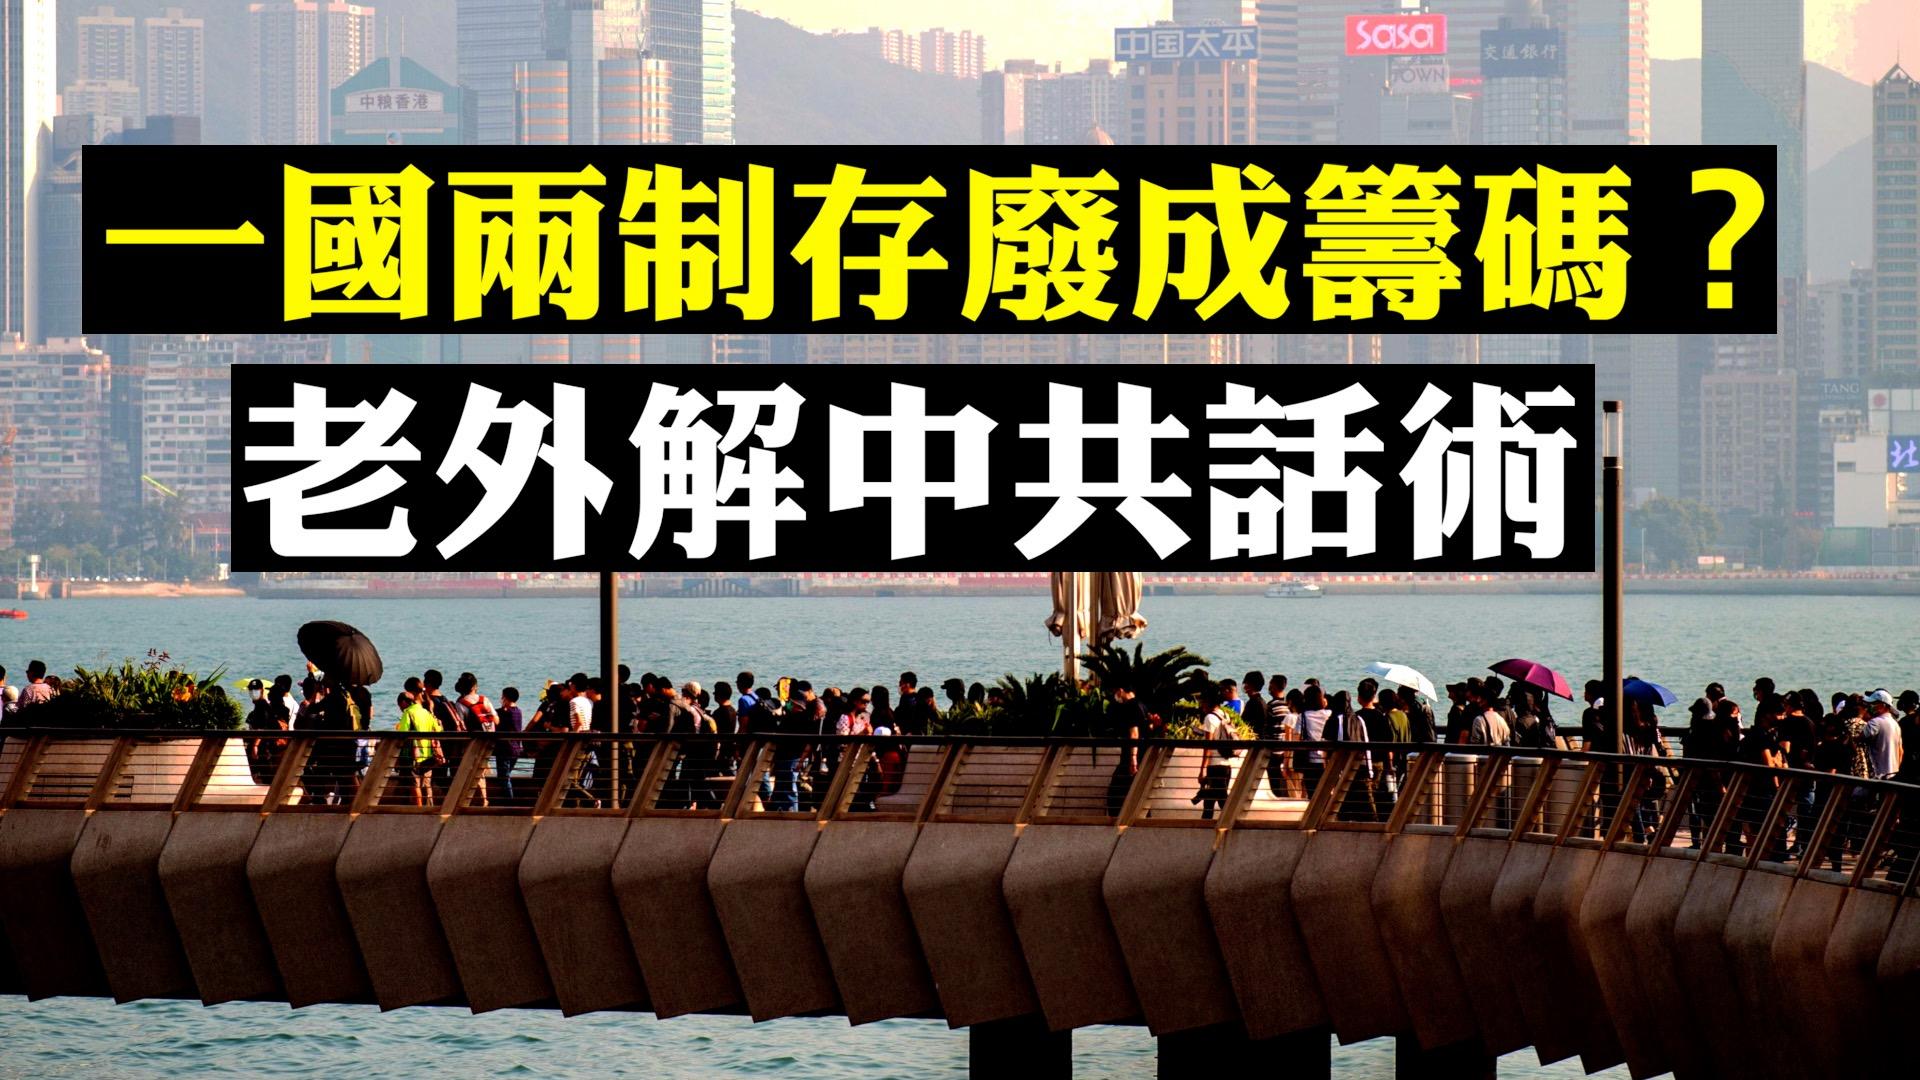 【拍案驚奇】耿爽與中共話術:挾中國人以擋彈